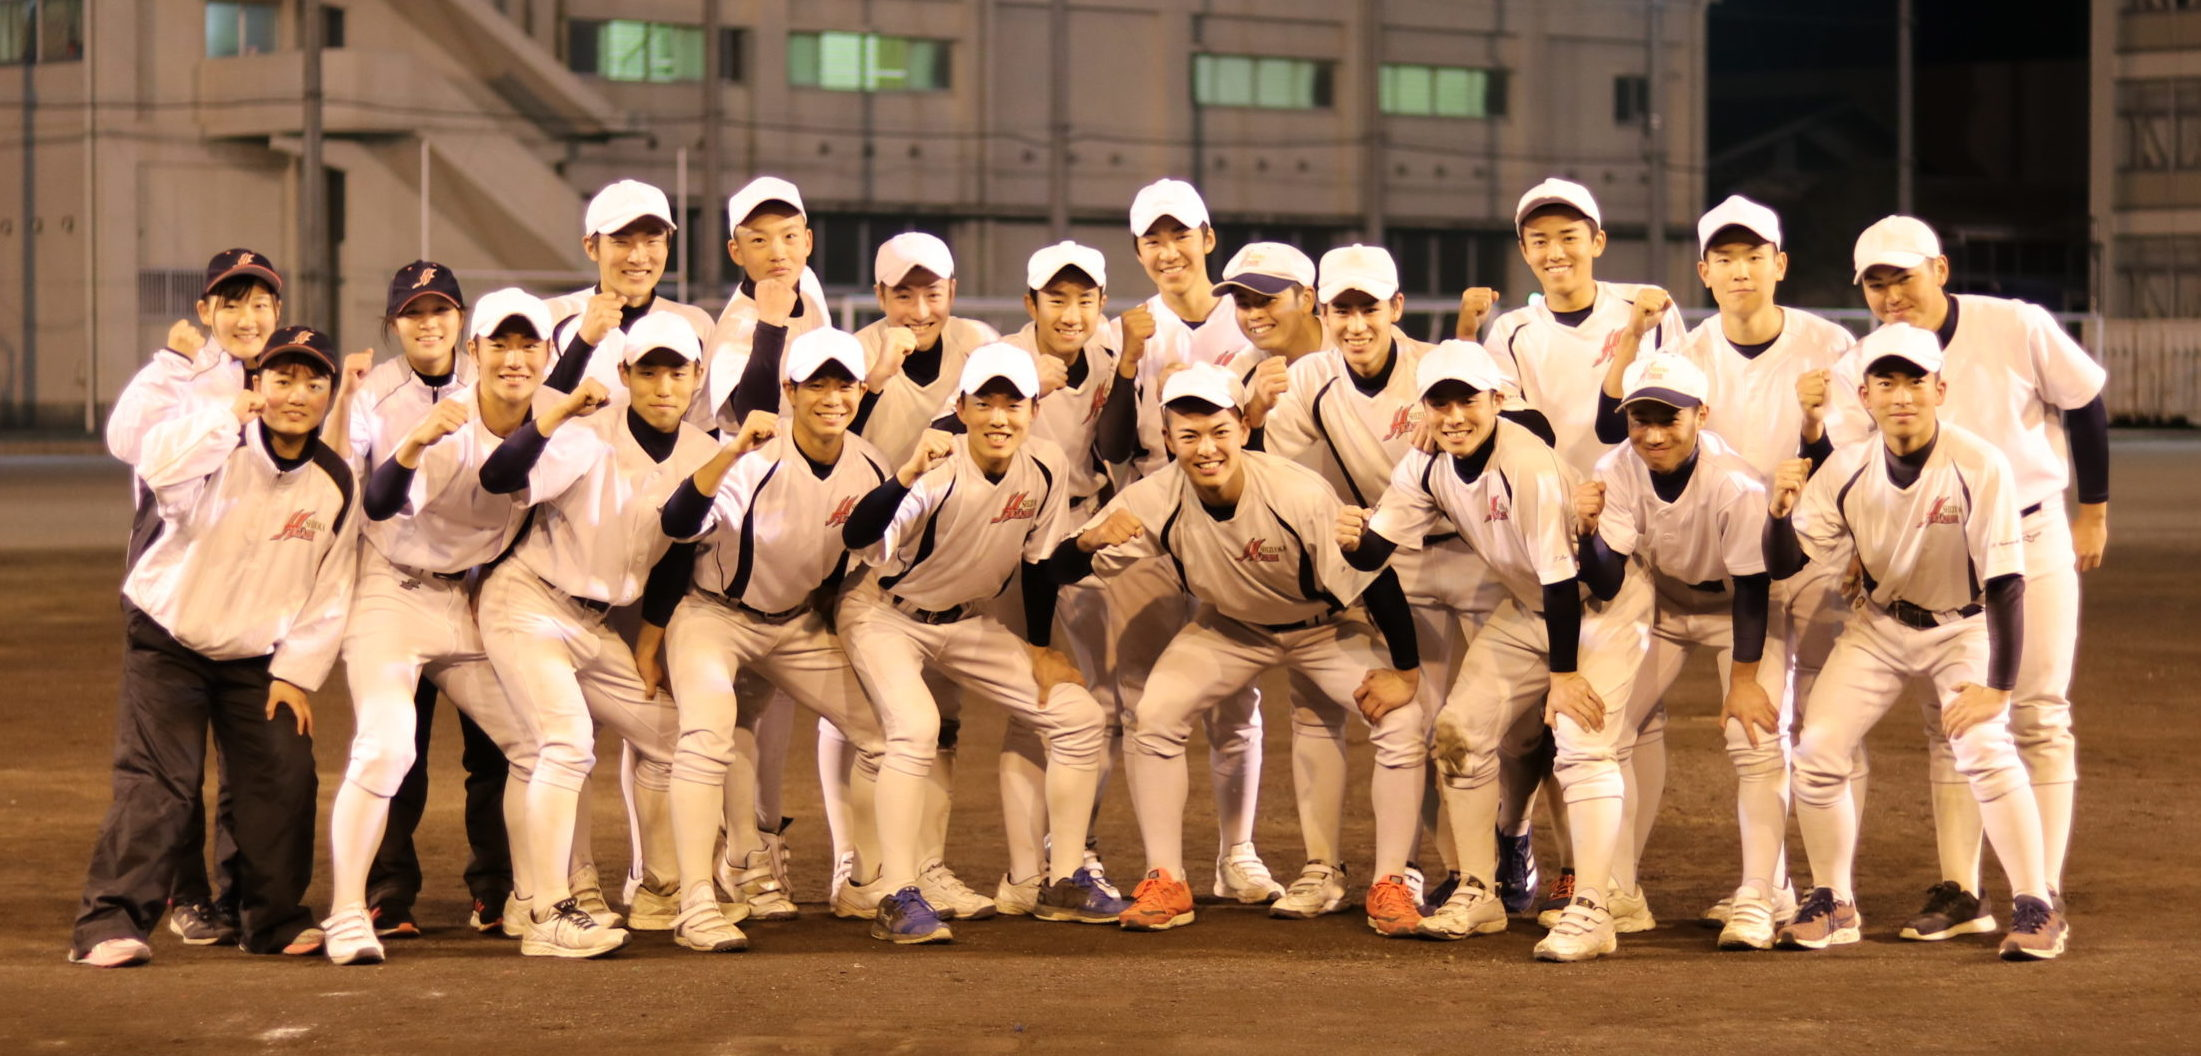 【静岡東 野球部】「自分に負けるな」